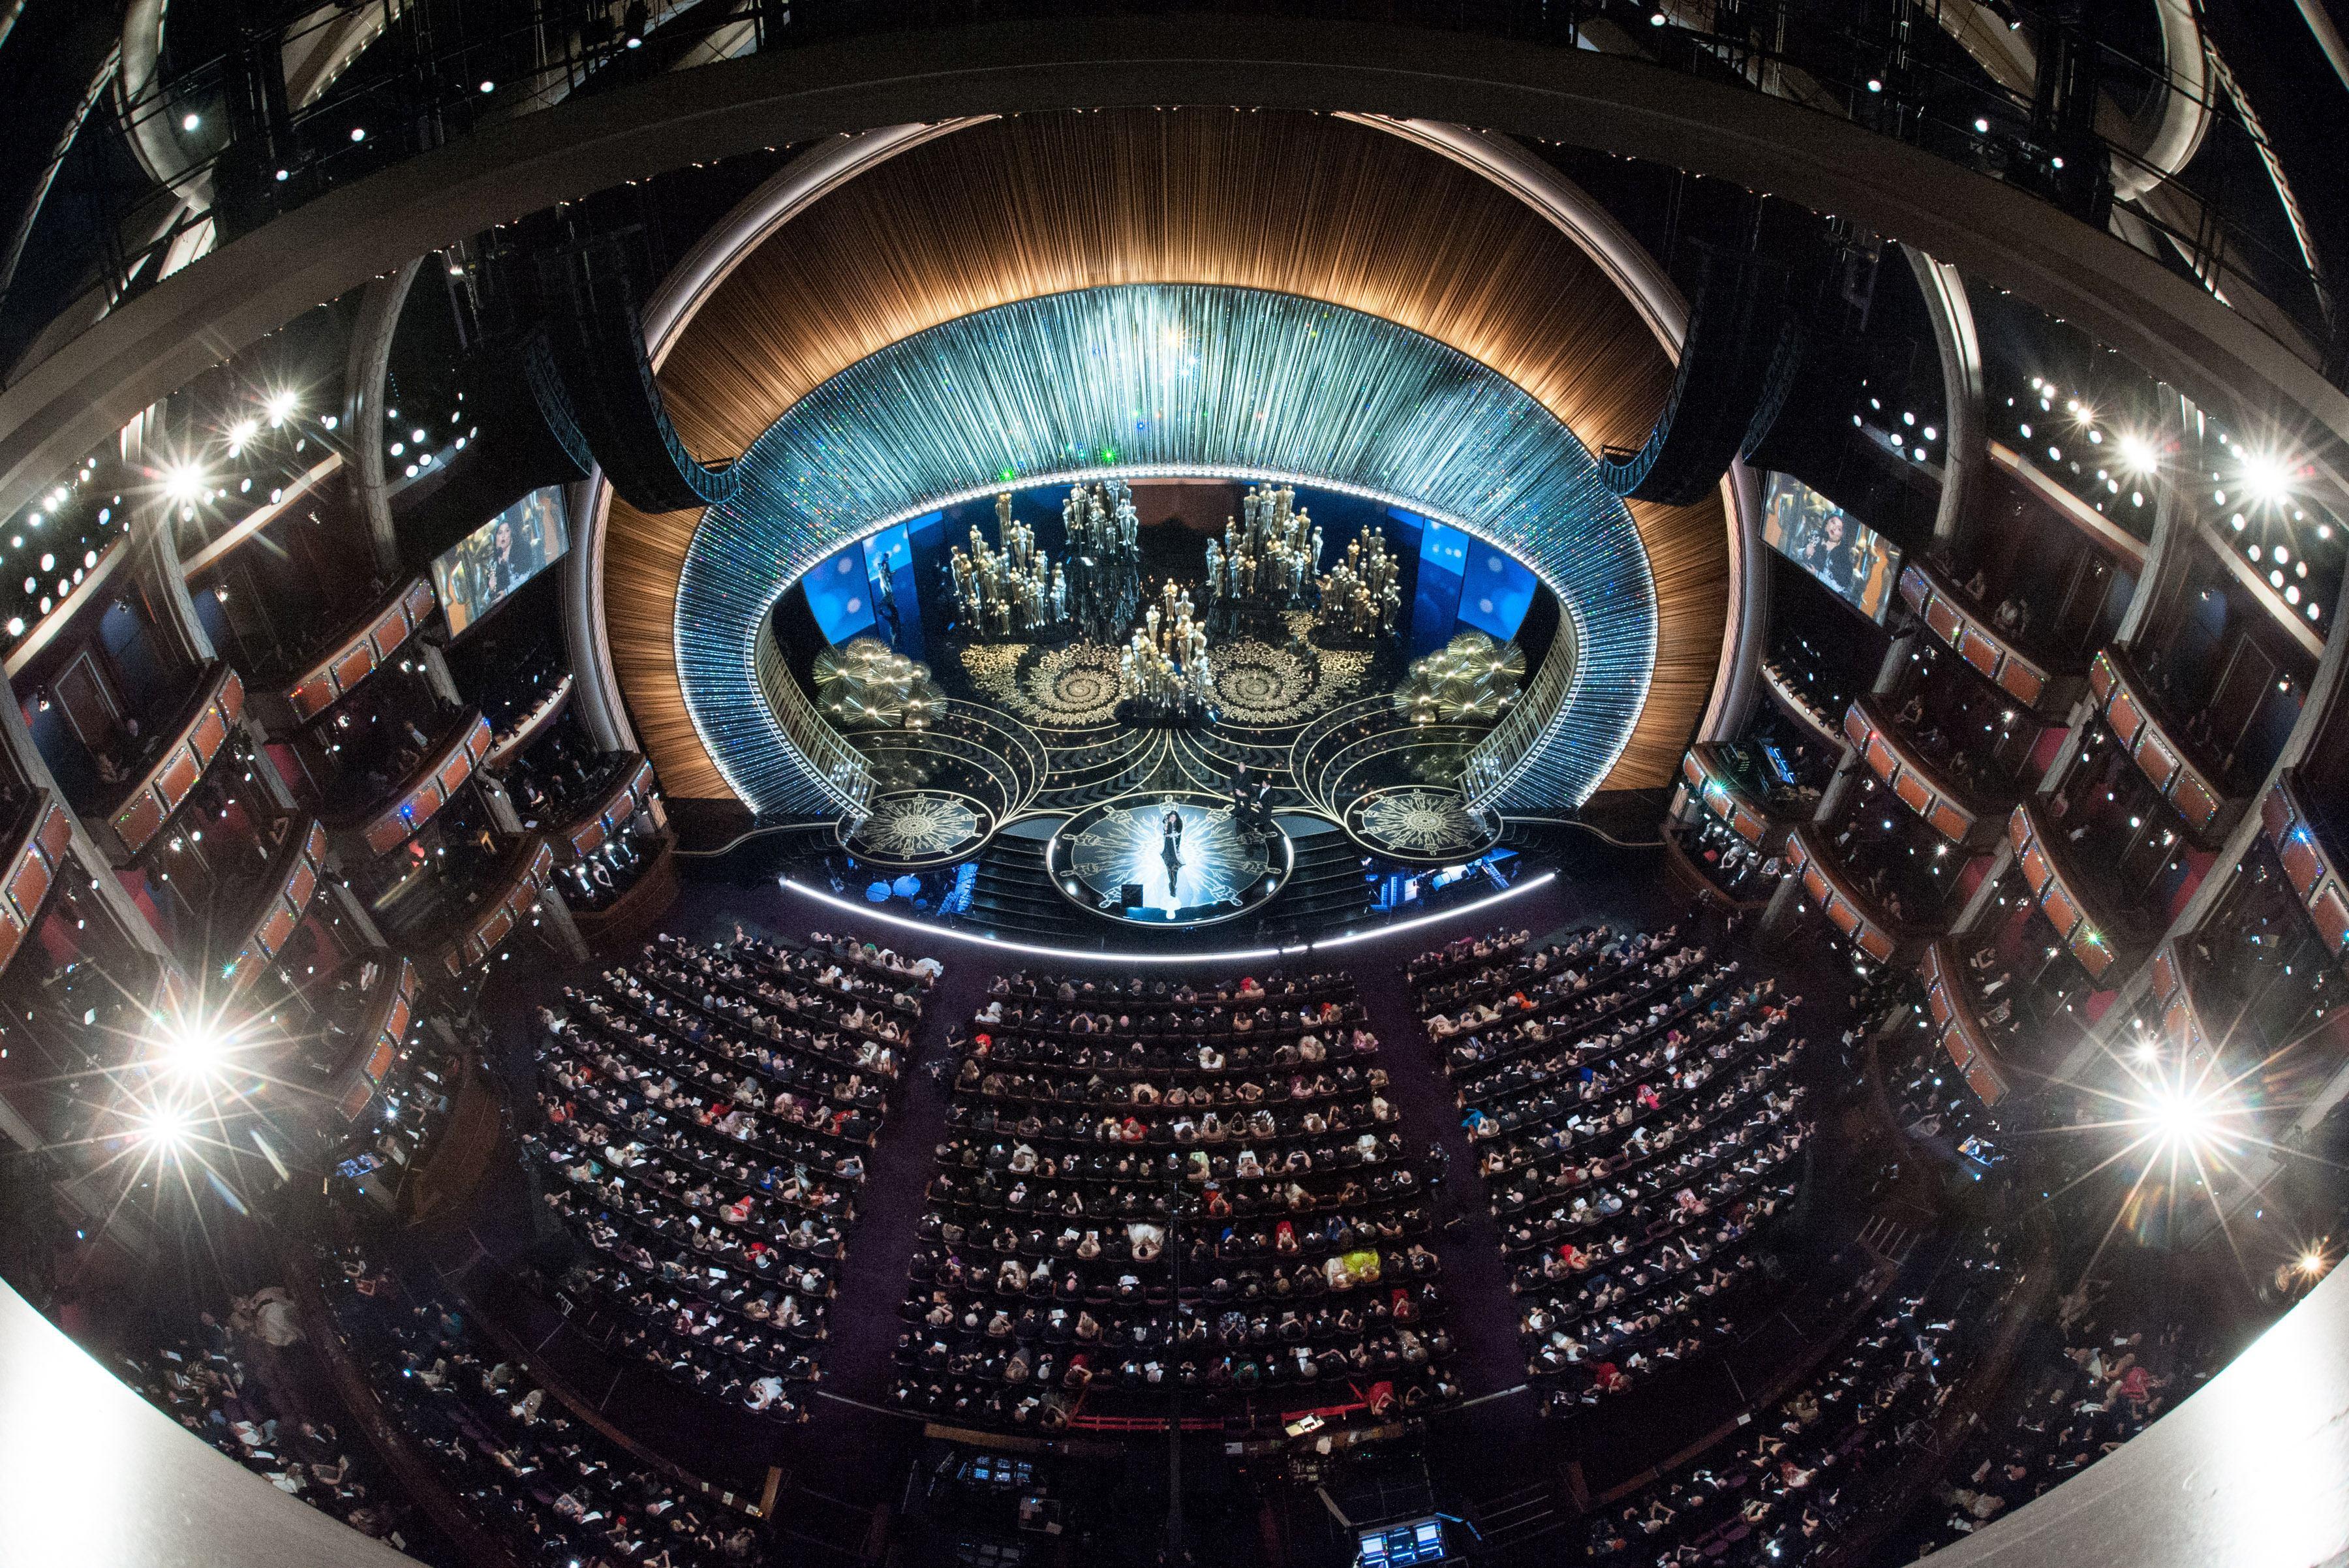 Premiile Oscar. Cum va arăta senzaţionalul meniu de la Balul Guvernatorilor